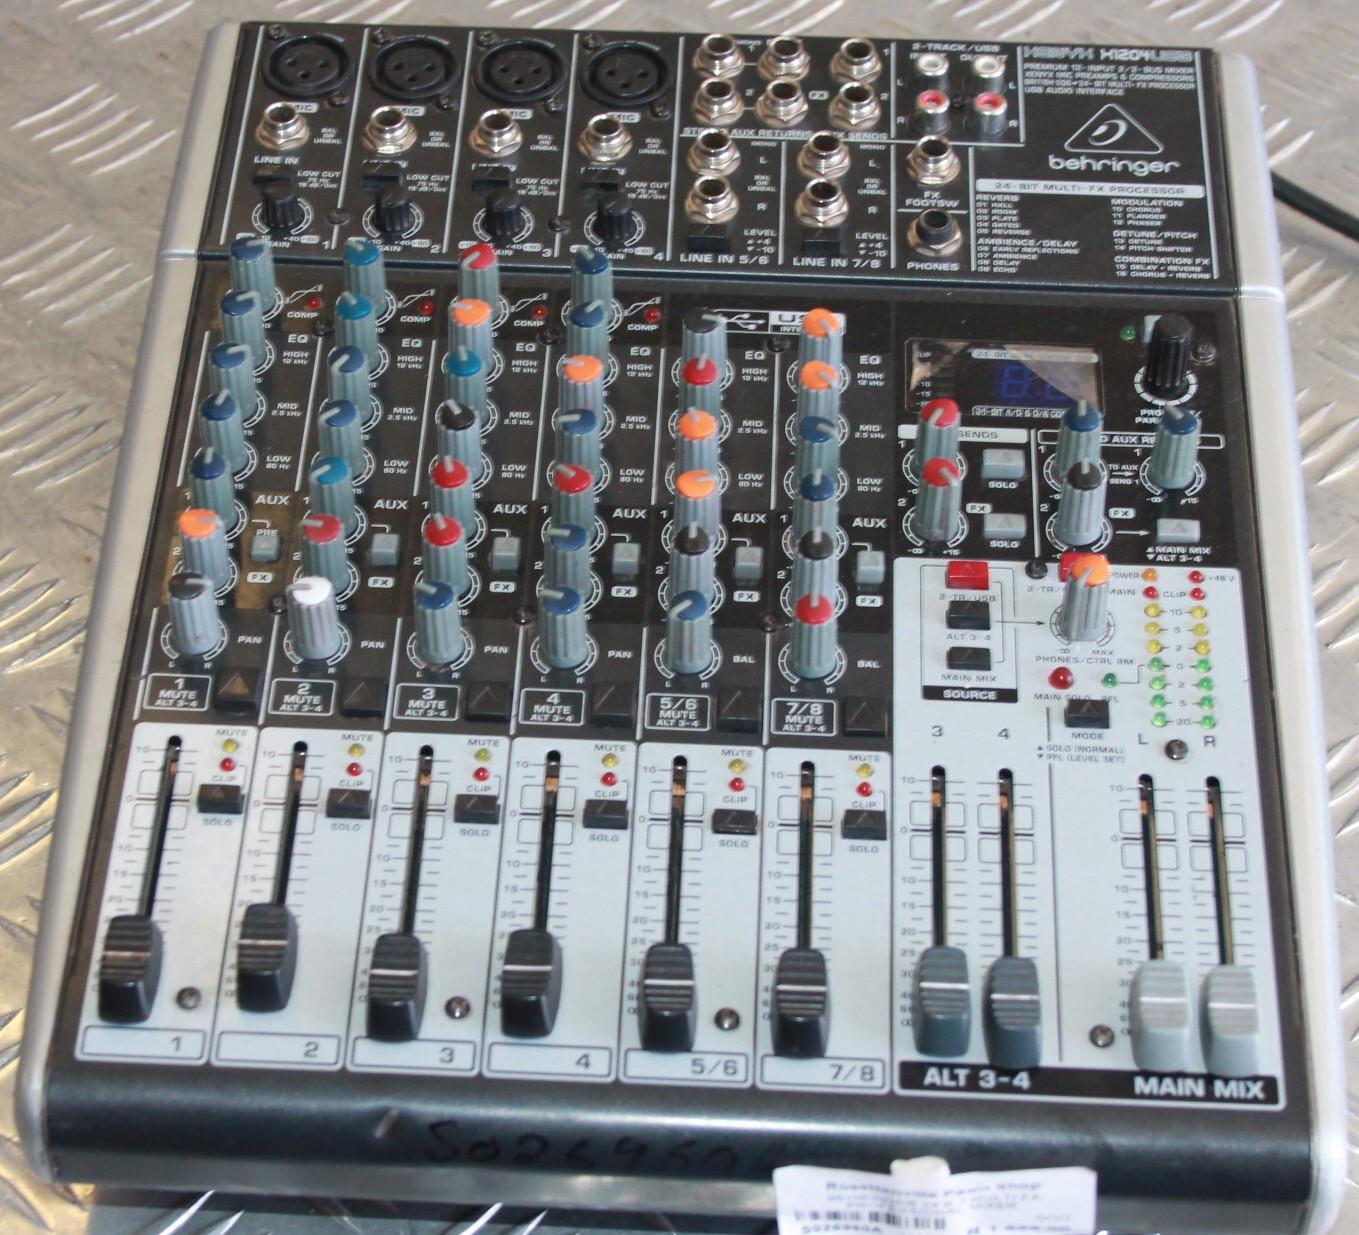 Behringer professional mixer S026960a #Rosettenvillepawnshop